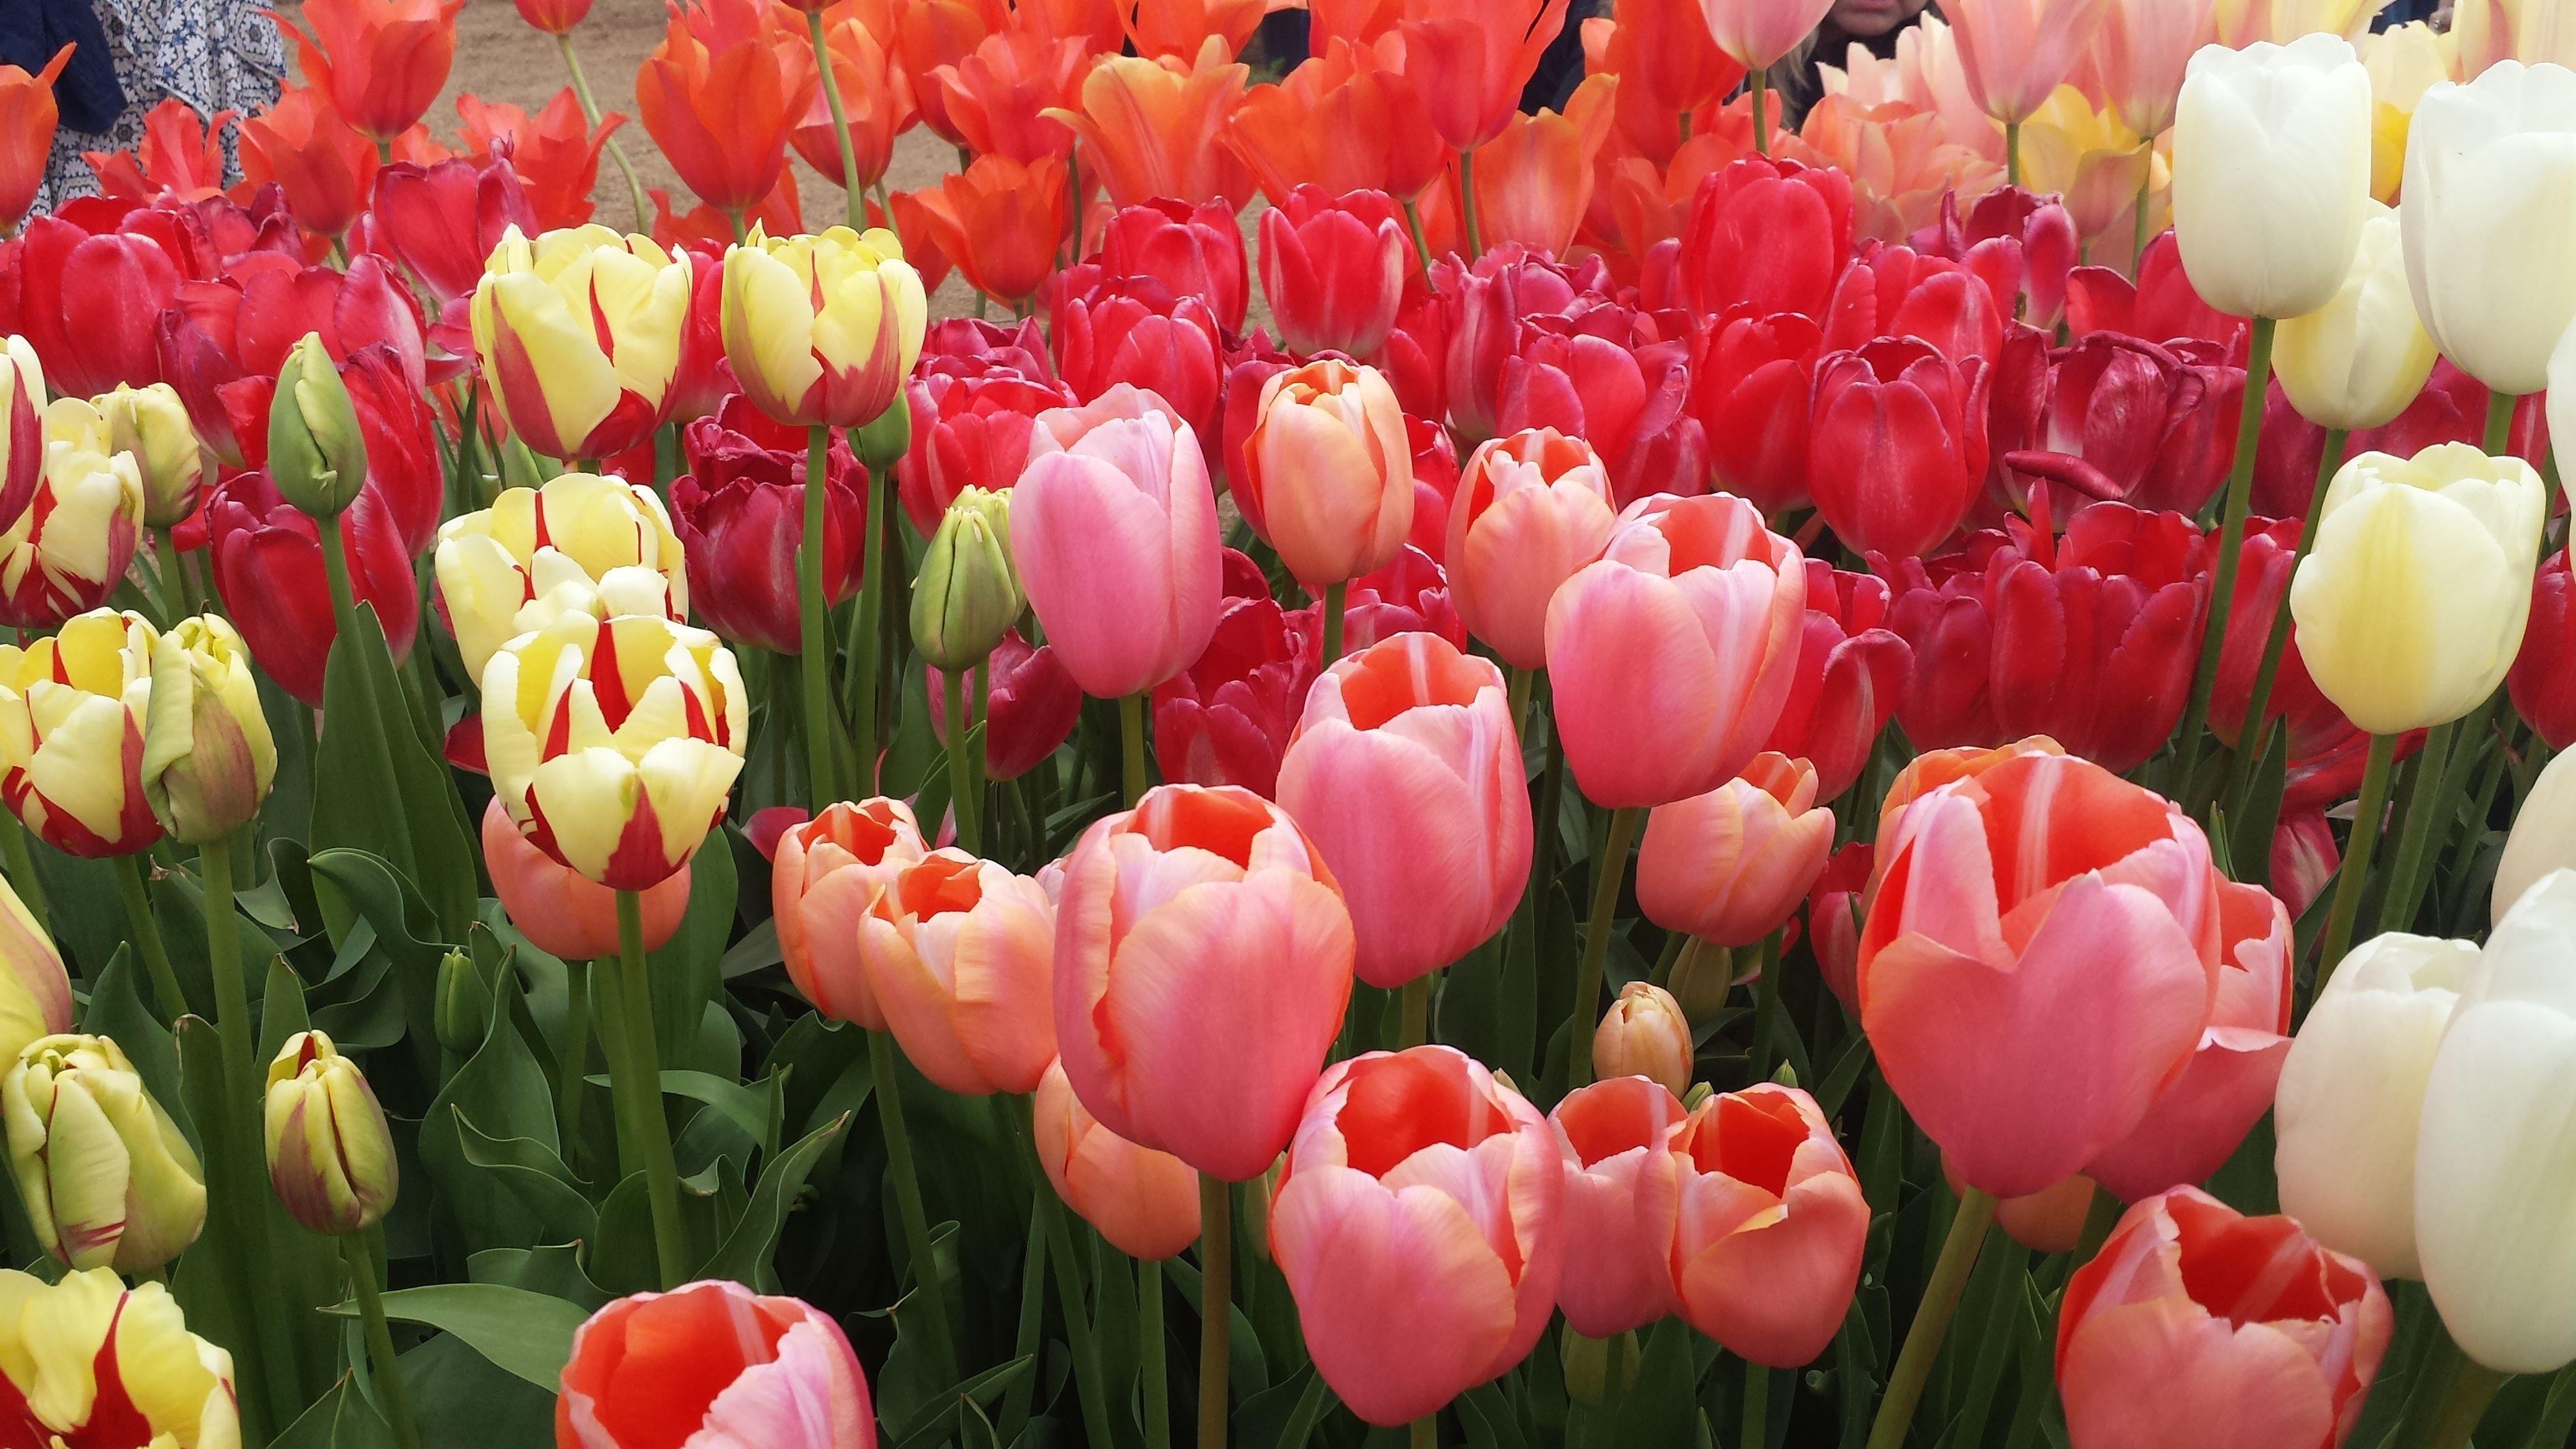 красивые картинки на рабочий стол весна тюльпаны йога позы